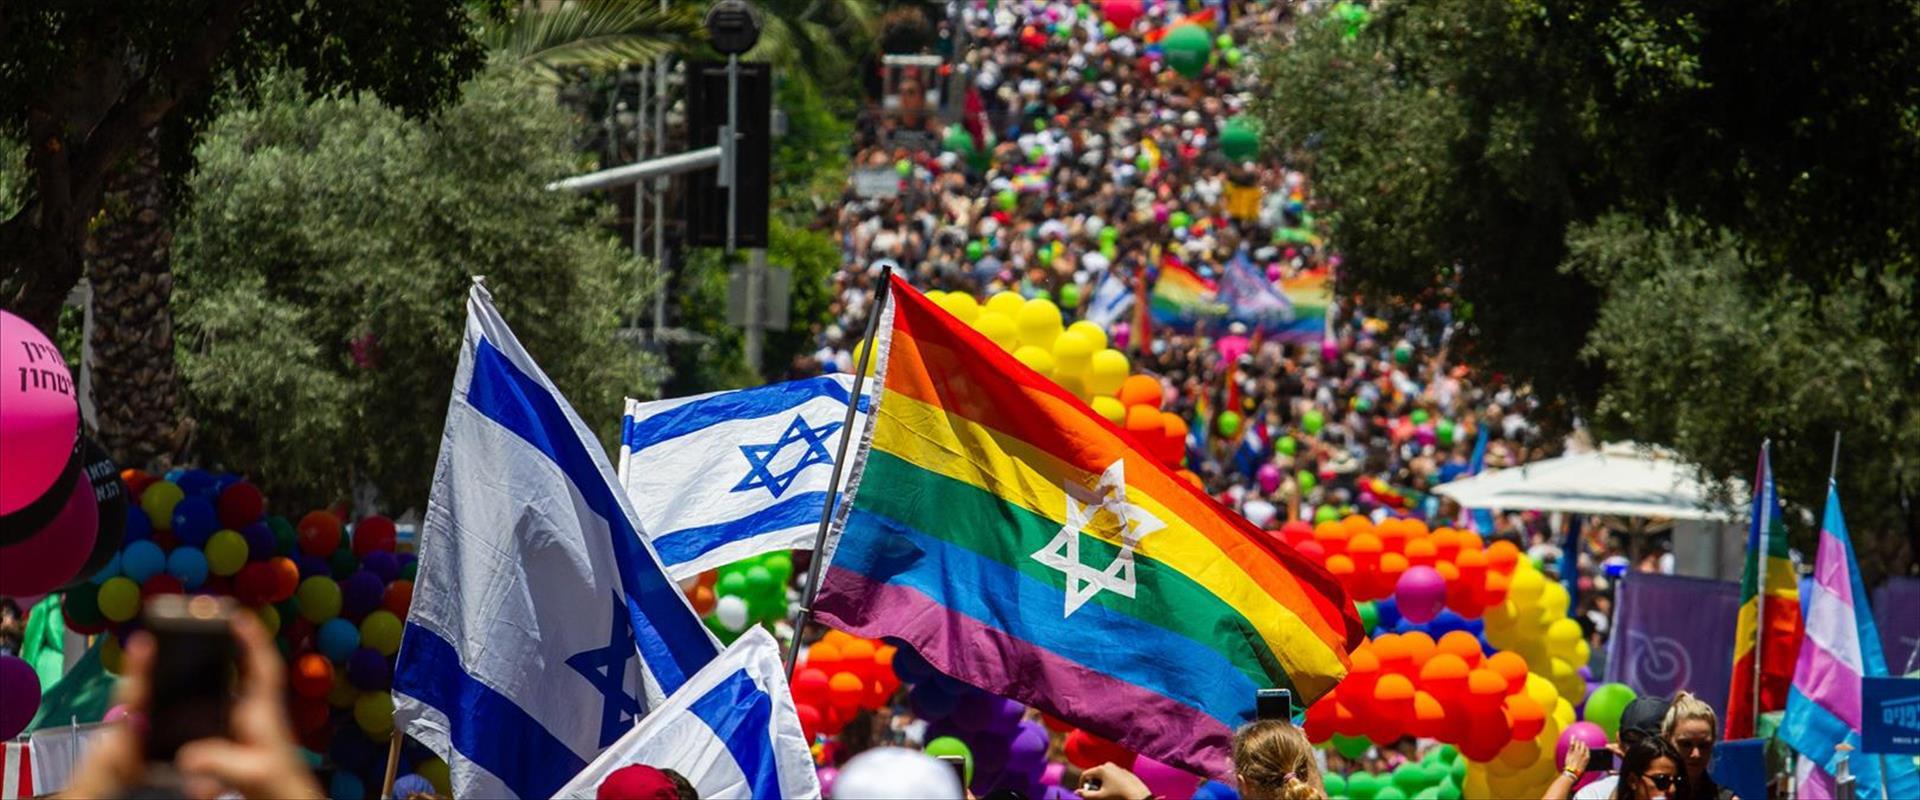 מצעד הגאווה בתל אביב, בשנה שעברה